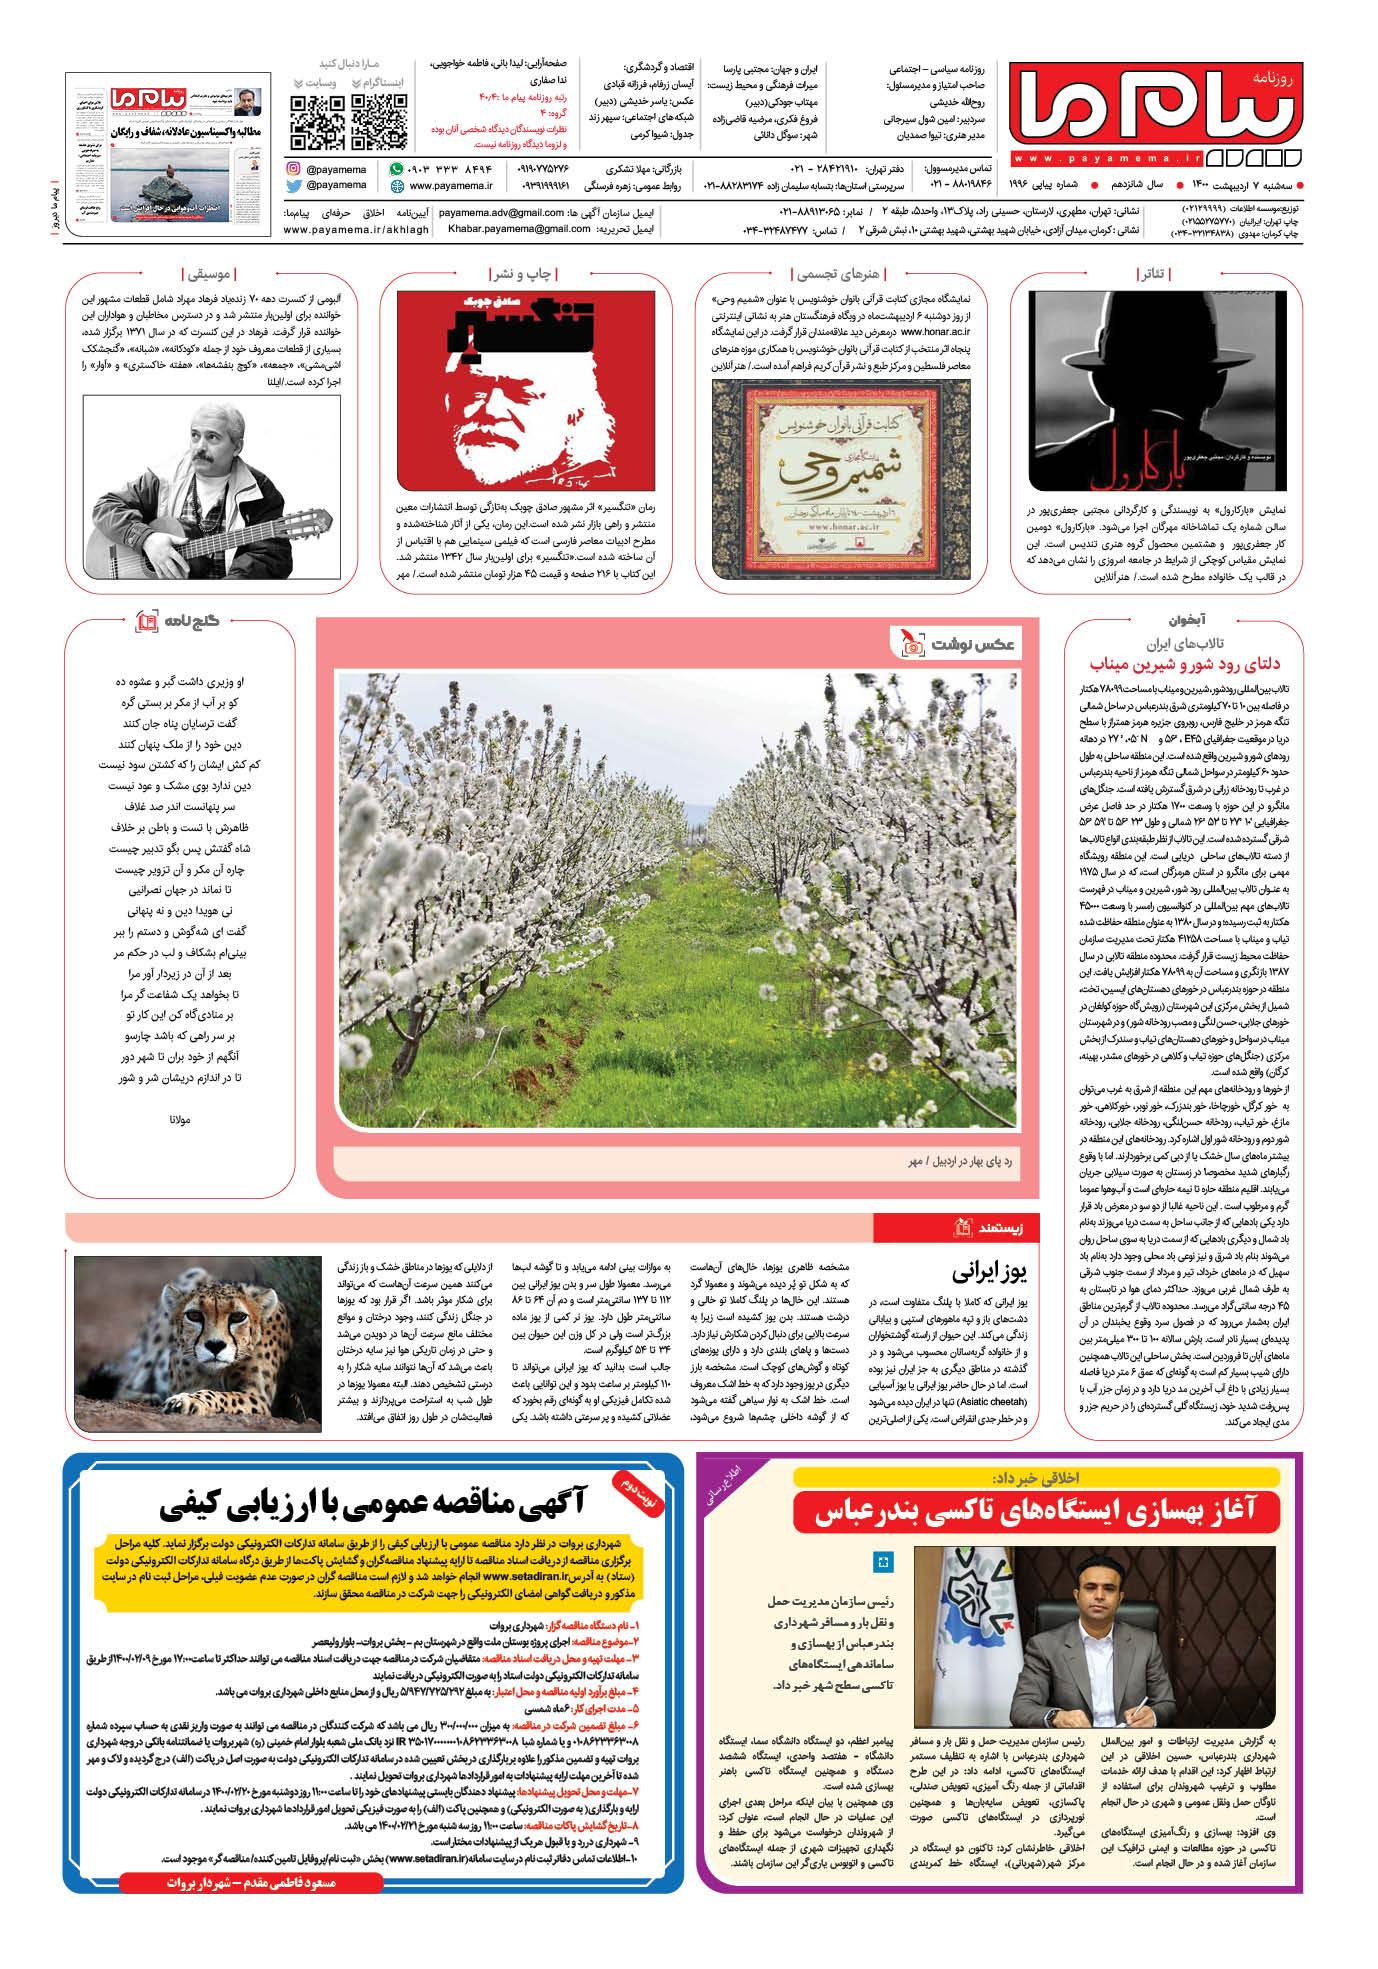 صفحه آخر شماره ۱۹۹۶ روزنامه پیام ما